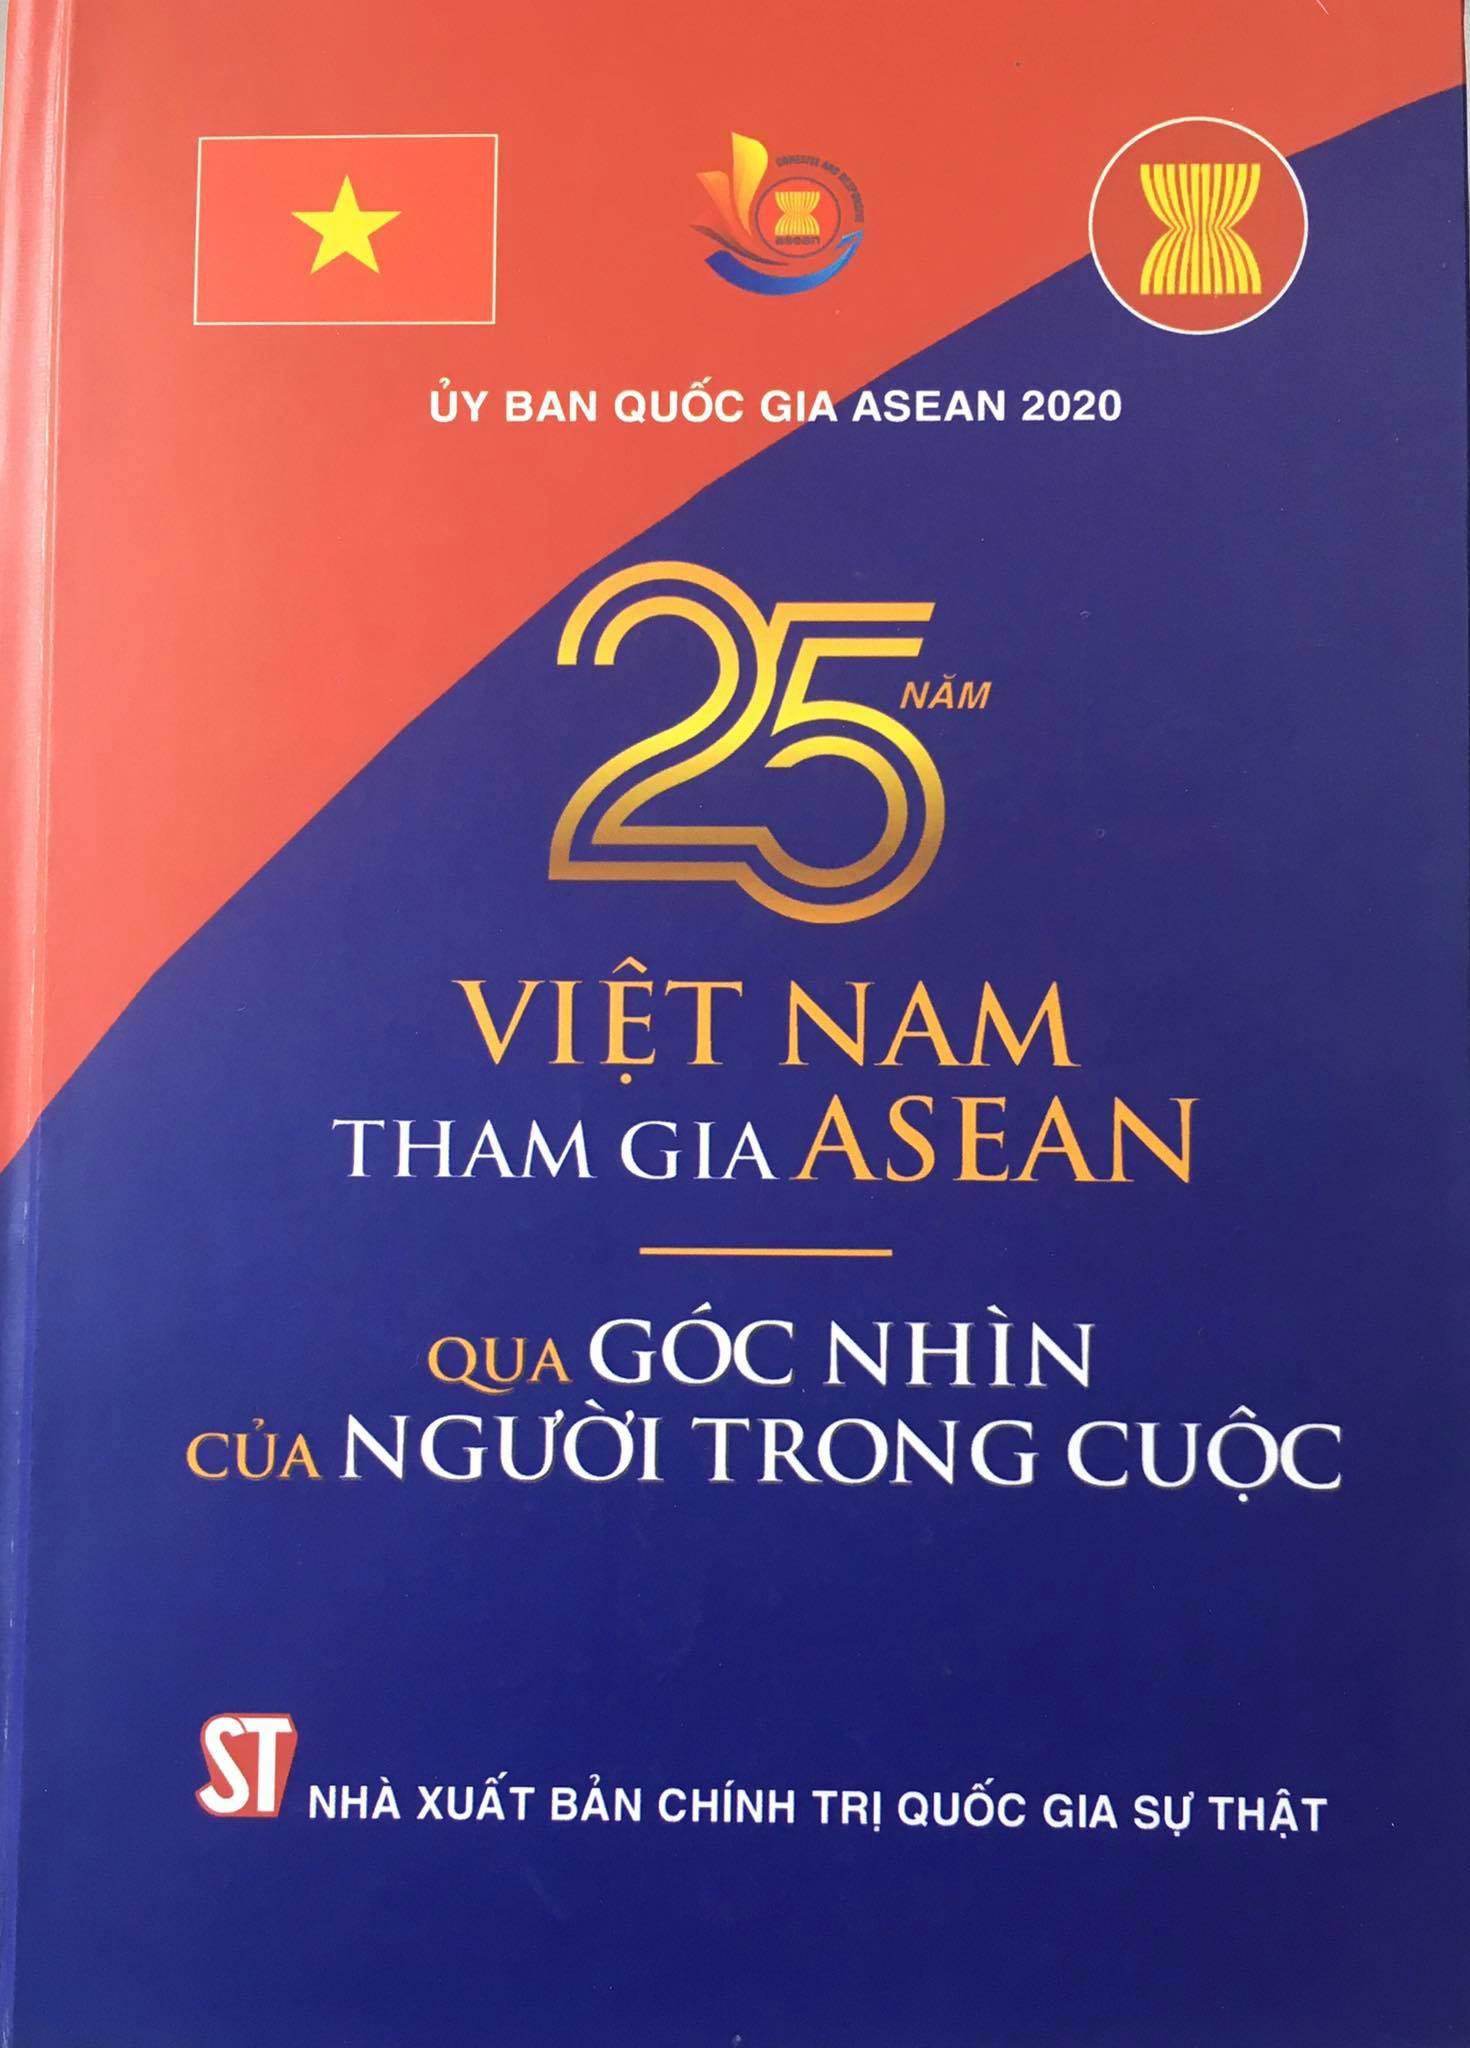 25 năm Việt Nam tham gia ASEAN qua góc nhìn của người trong cuộc